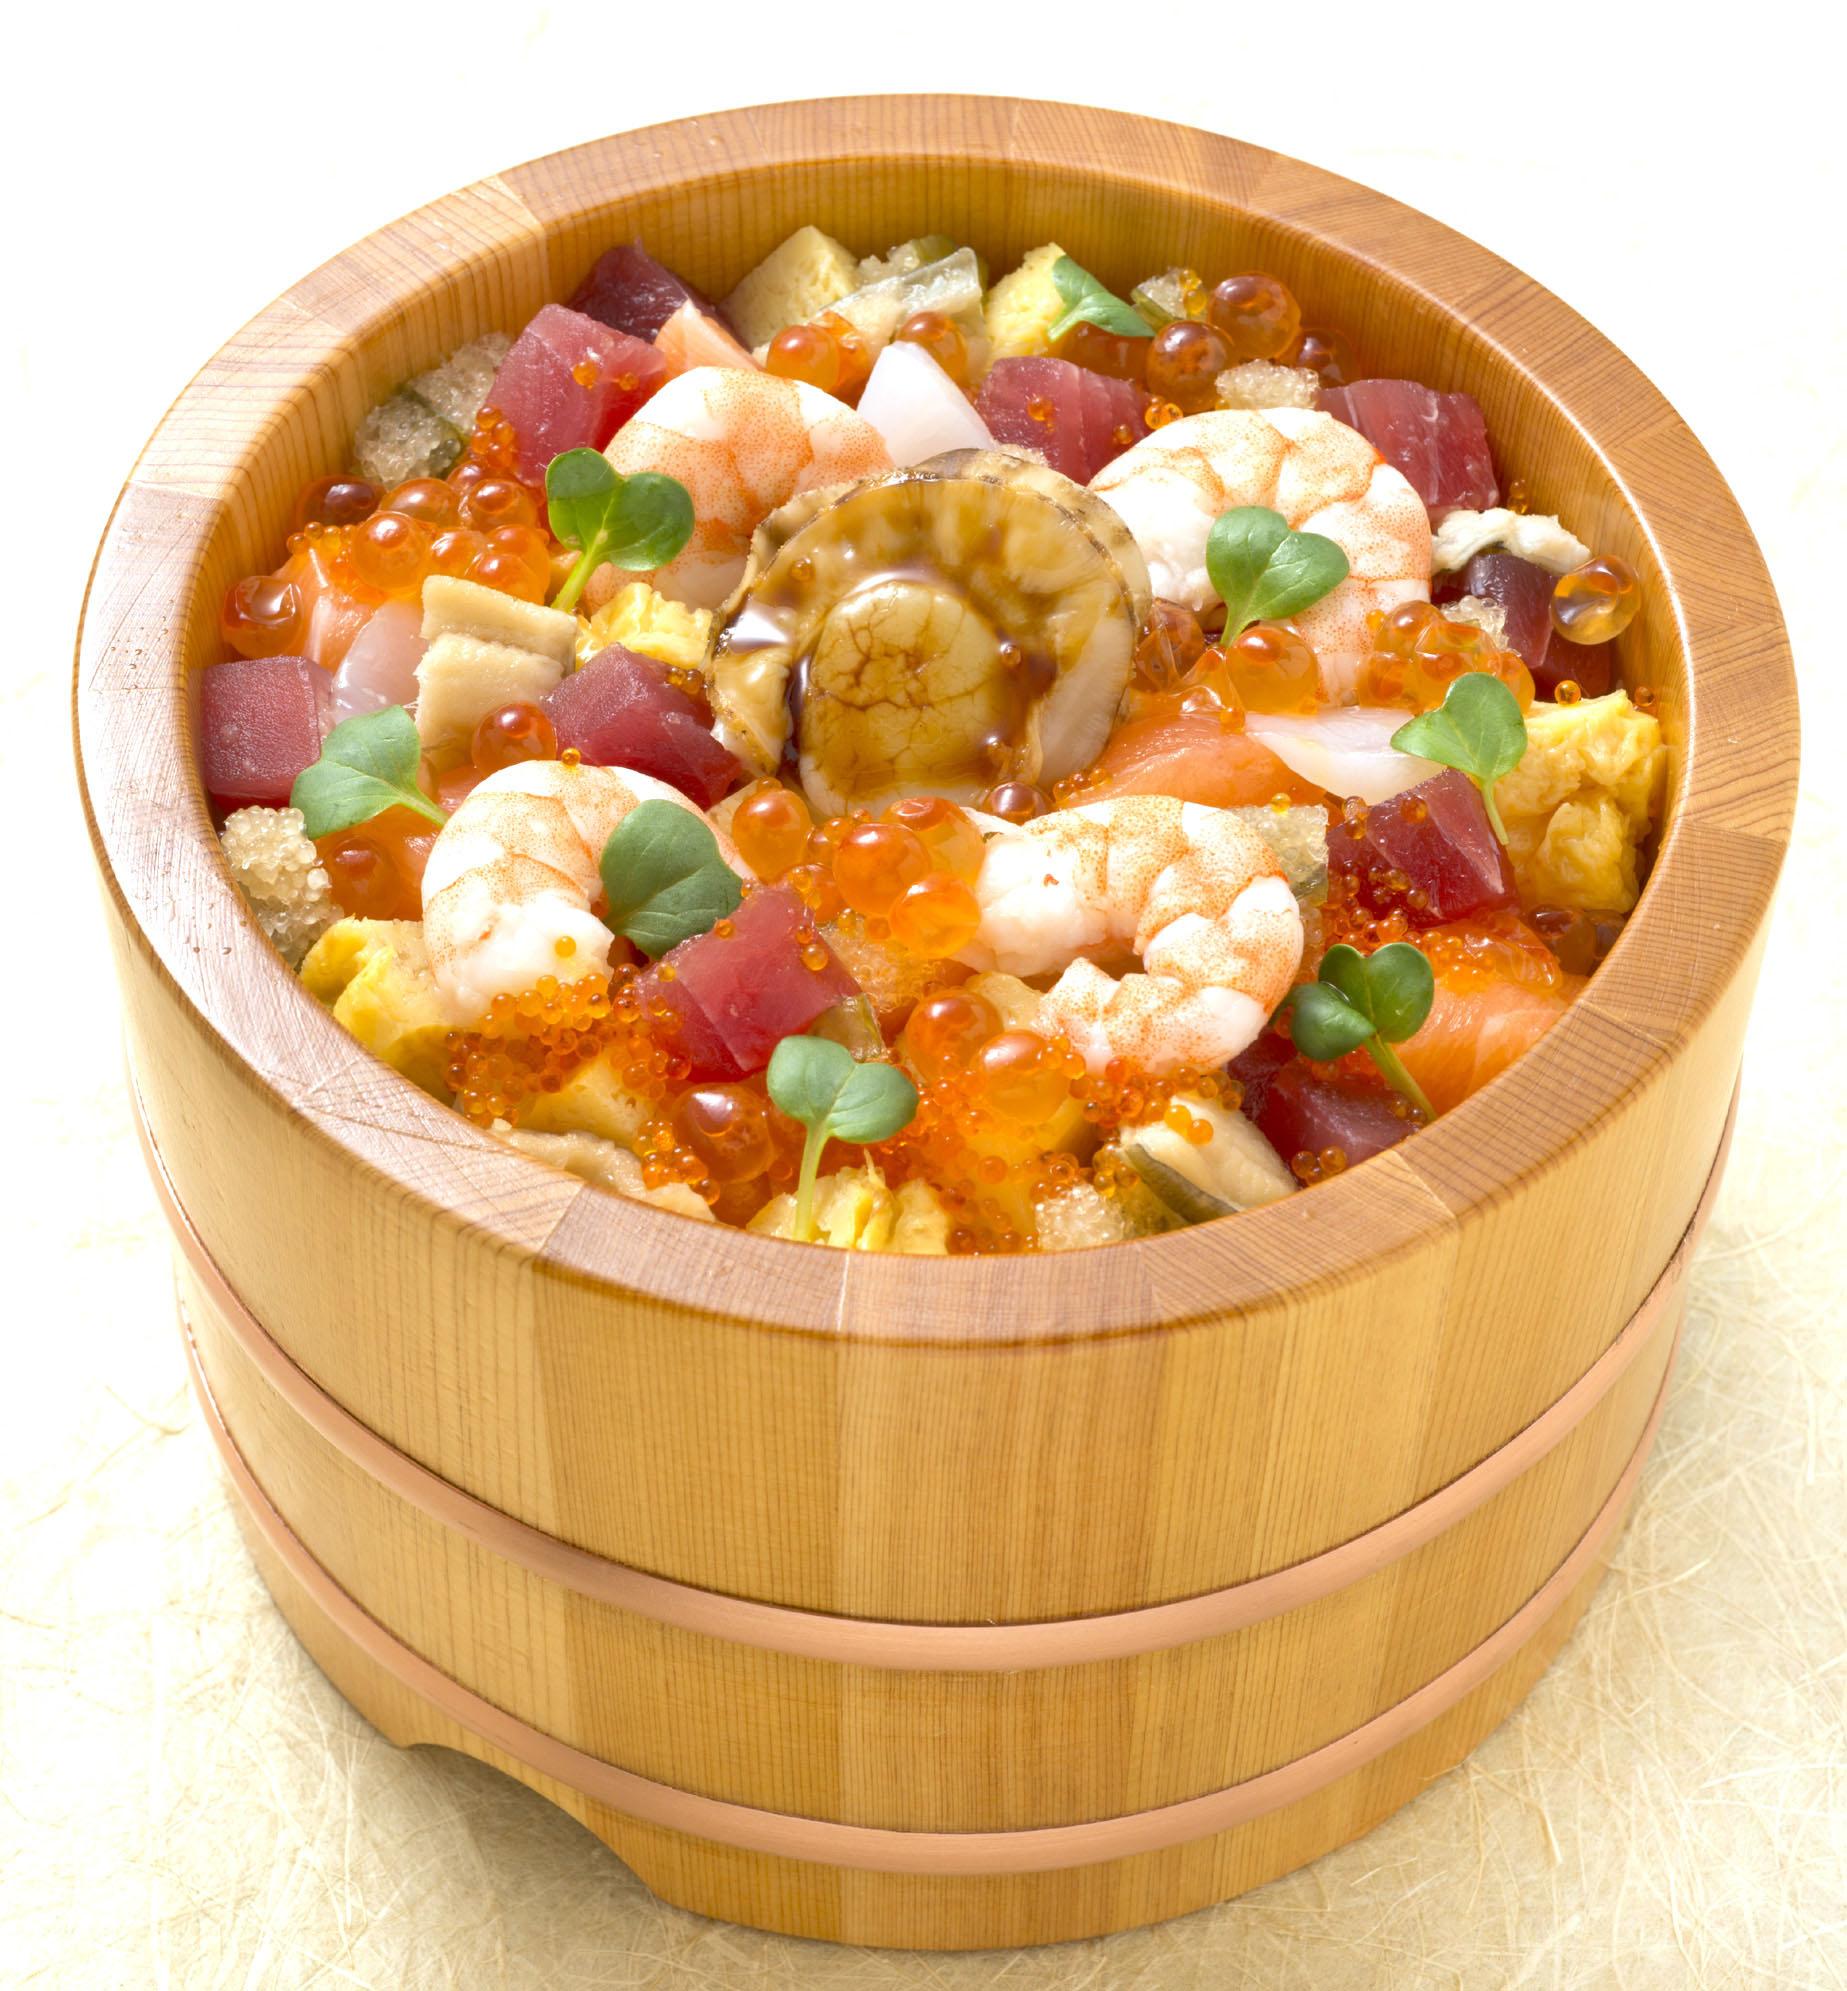 ばらちらし(お椀と有機野菜サラダ付)